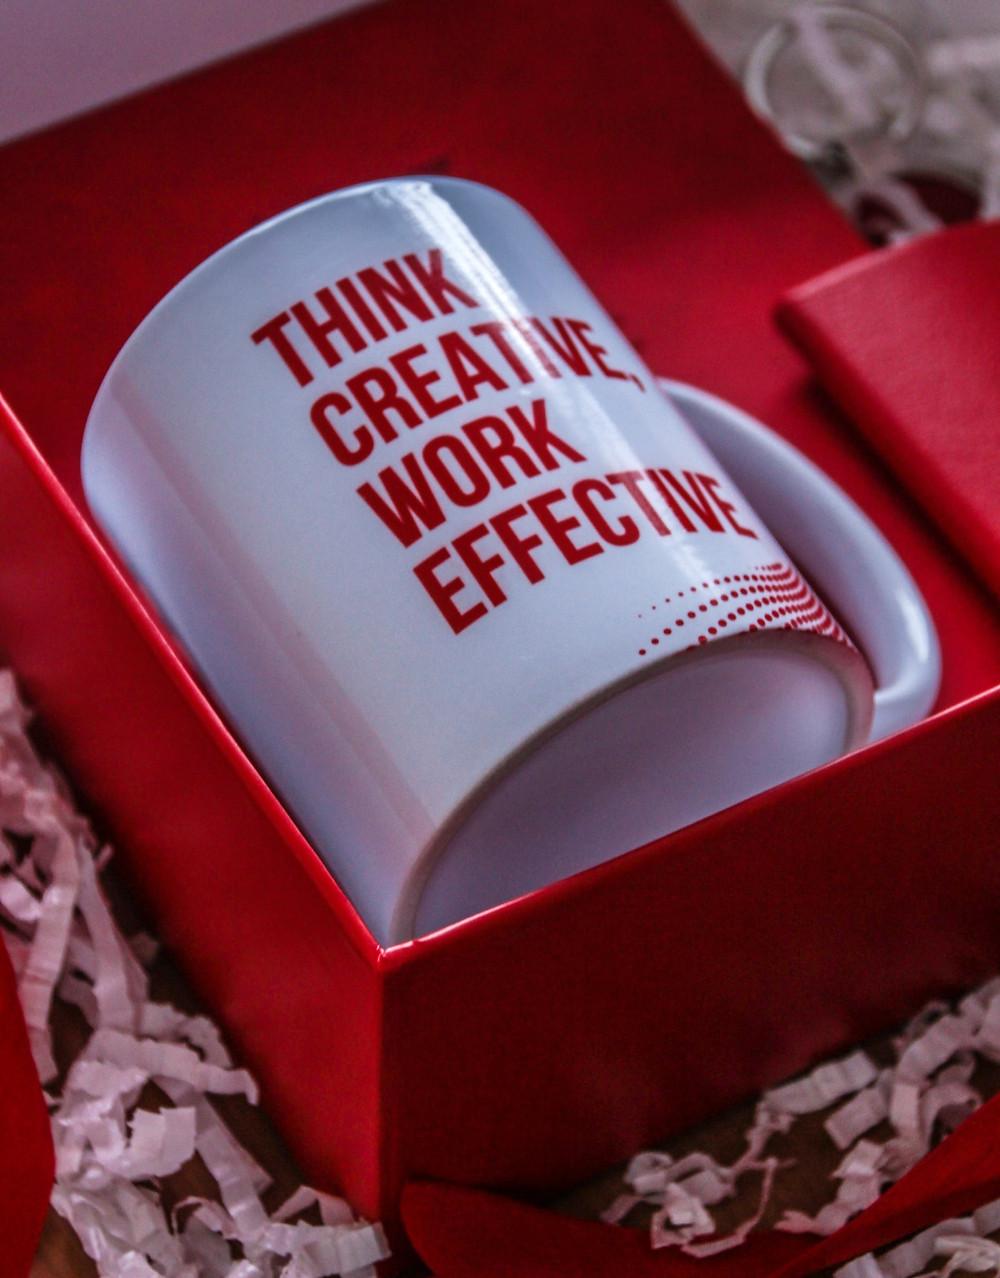 """Caneca branca, com a frase """"Think Creative, Work Effective"""", escrita em letras vermelhas maiúsculas. A caneca está em uma caixa vermelha, sobre um fundo de papeis."""